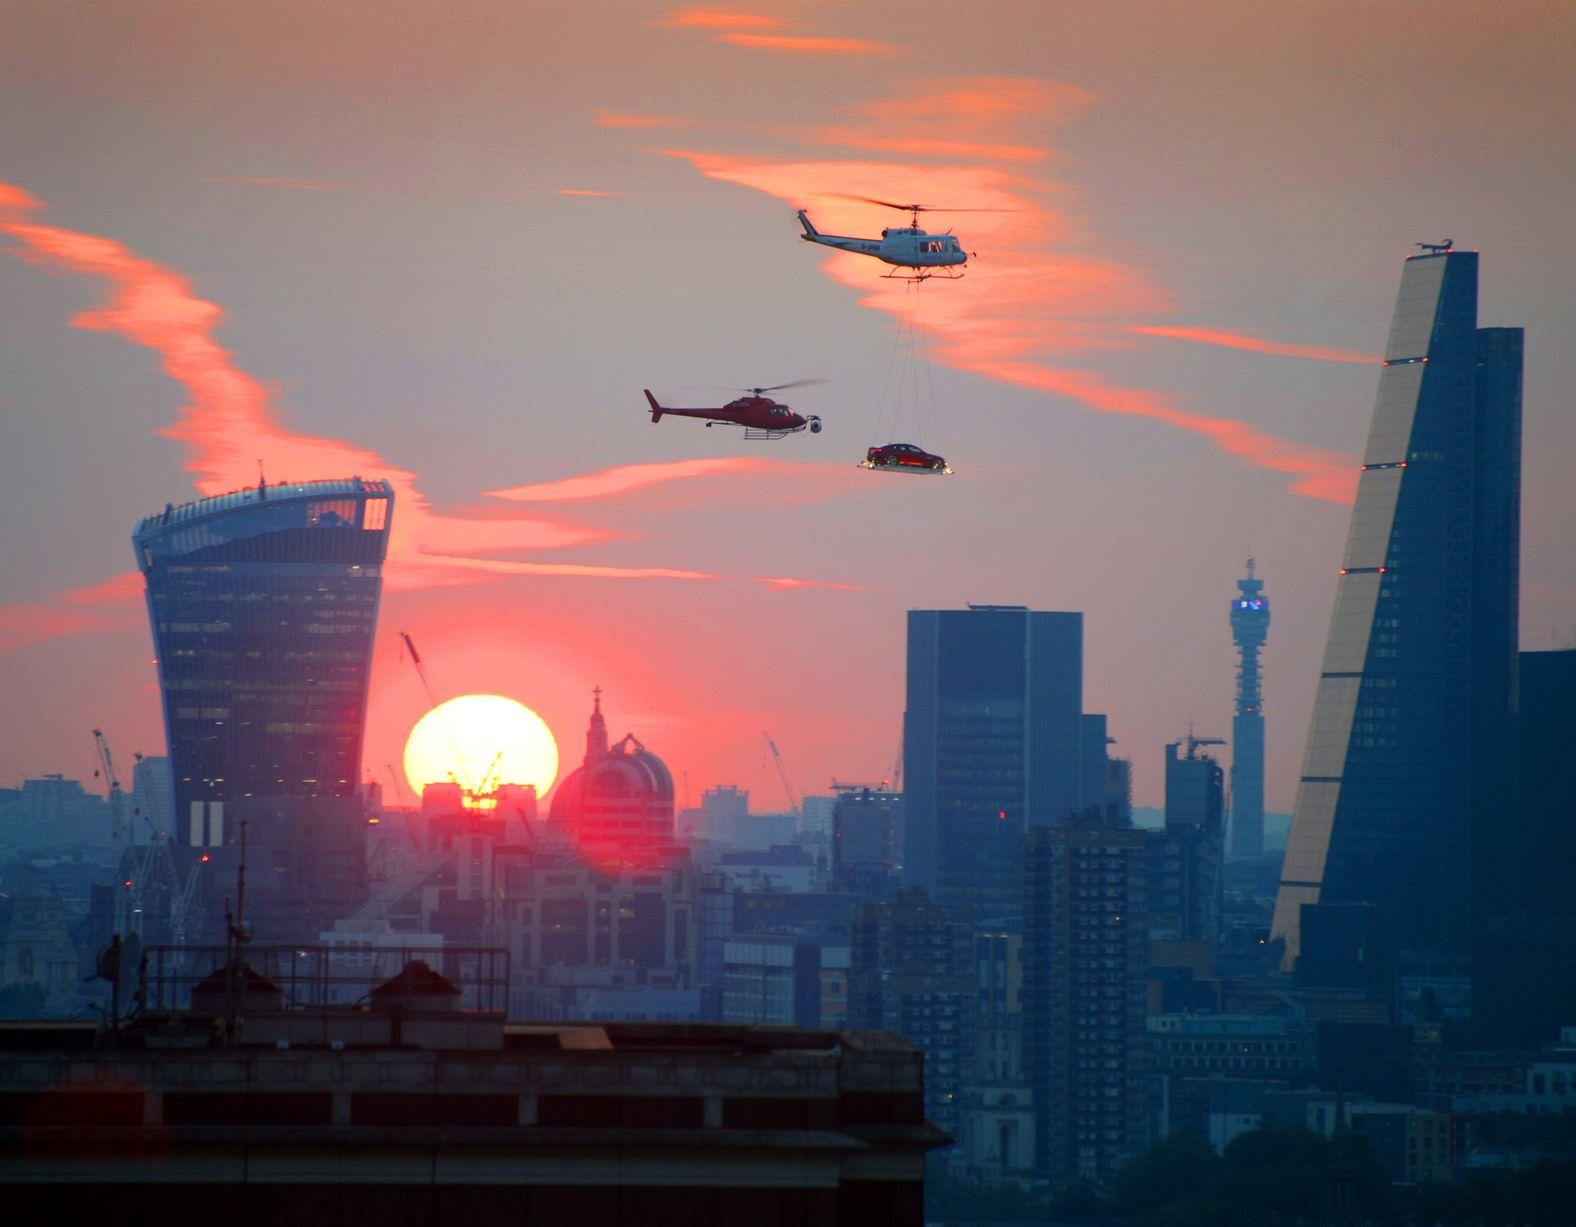 Người dân London sửng sốt khi nhìn thấy ô tô bay lượn trên trời 9